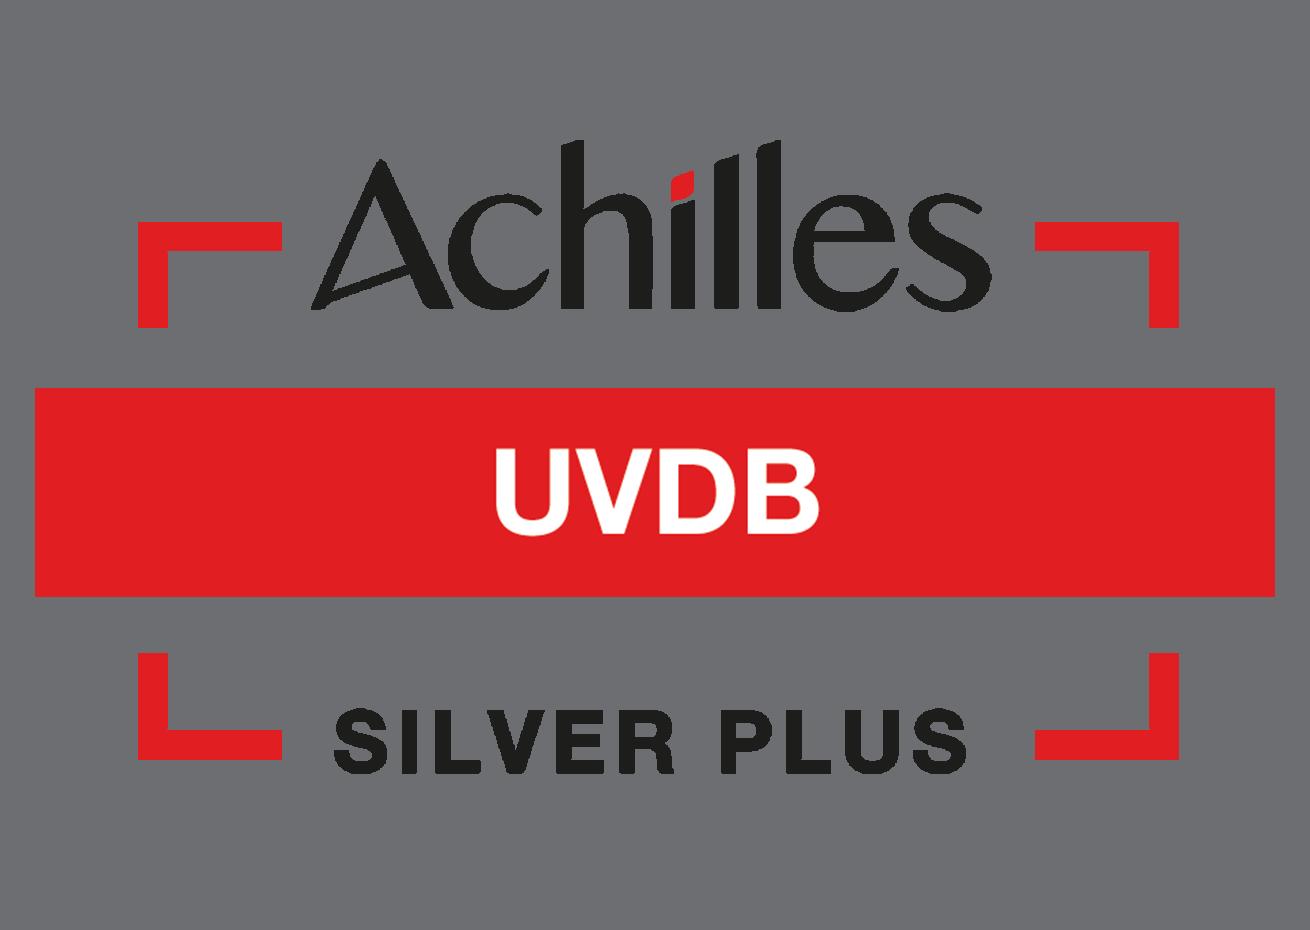 Automa diventa membro di Achilles UVDB